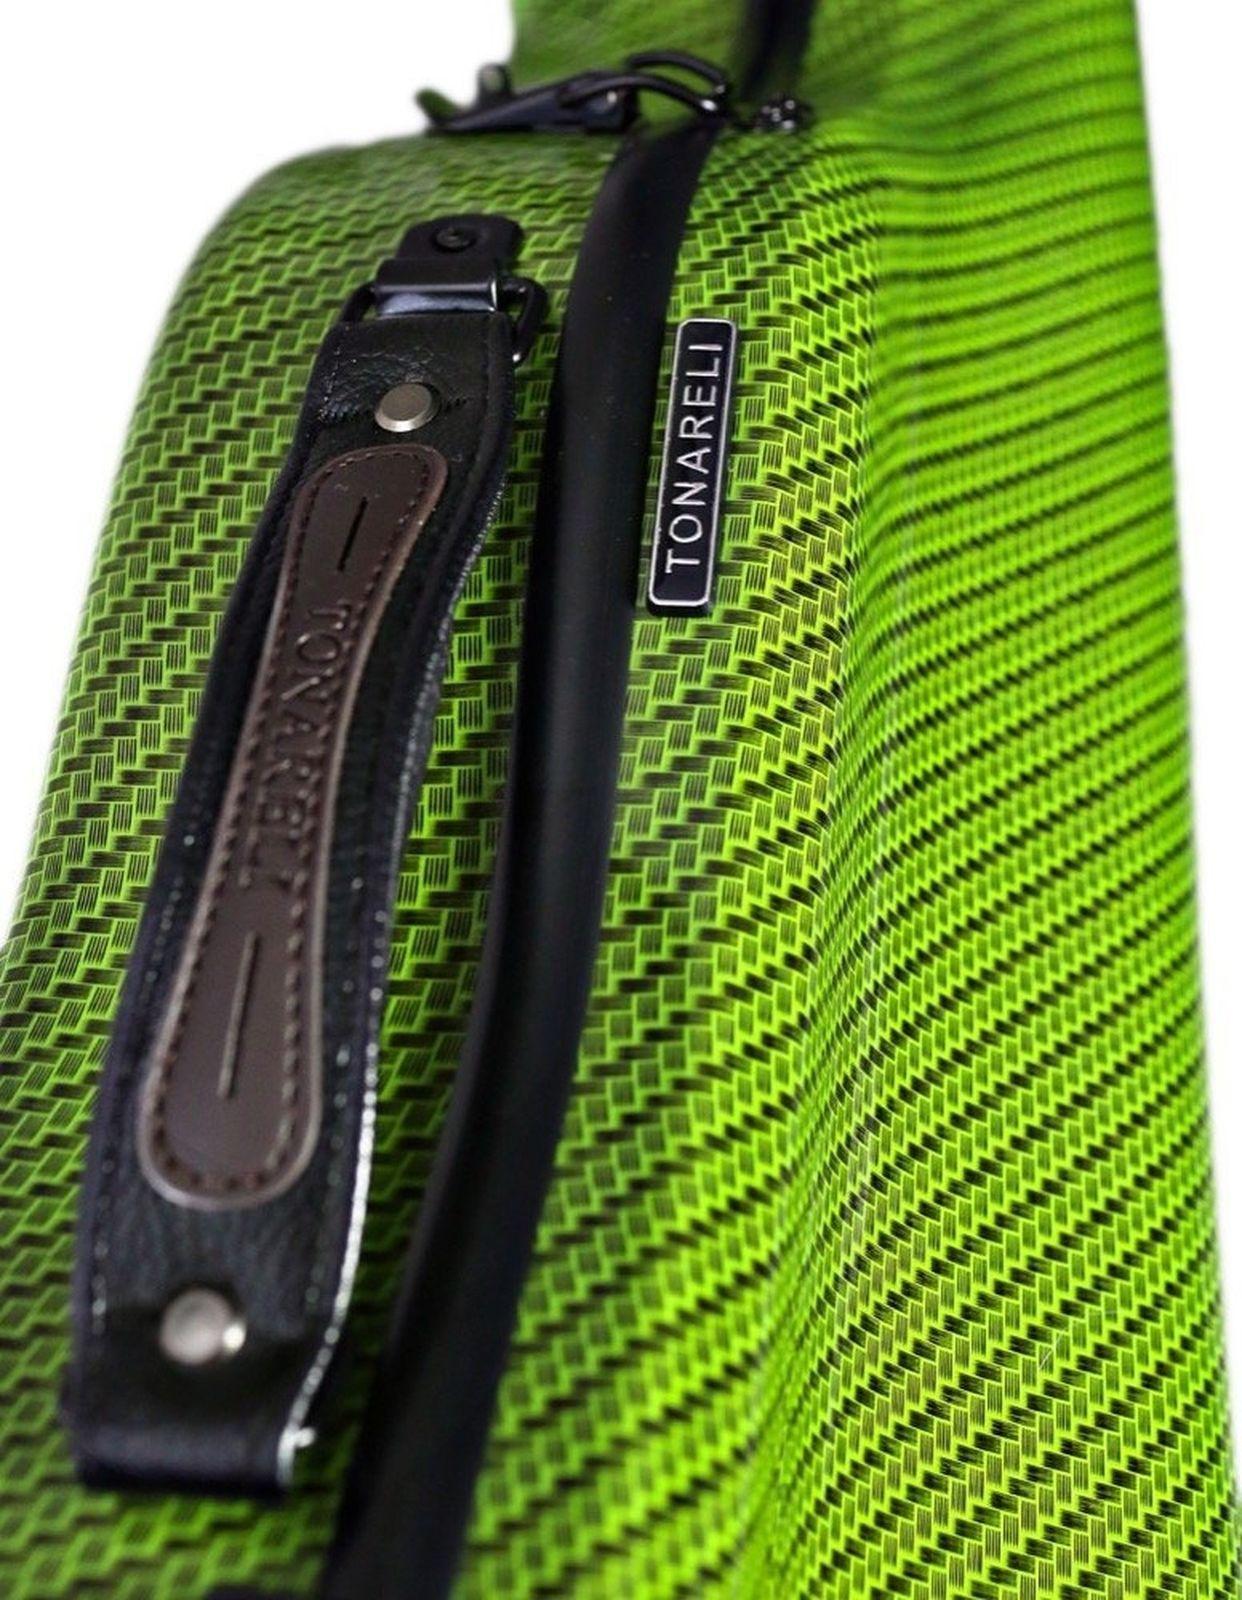 Tonareli Cello-shaped Fiberglass Viola Case w/Wheels - Special Edition Green ...